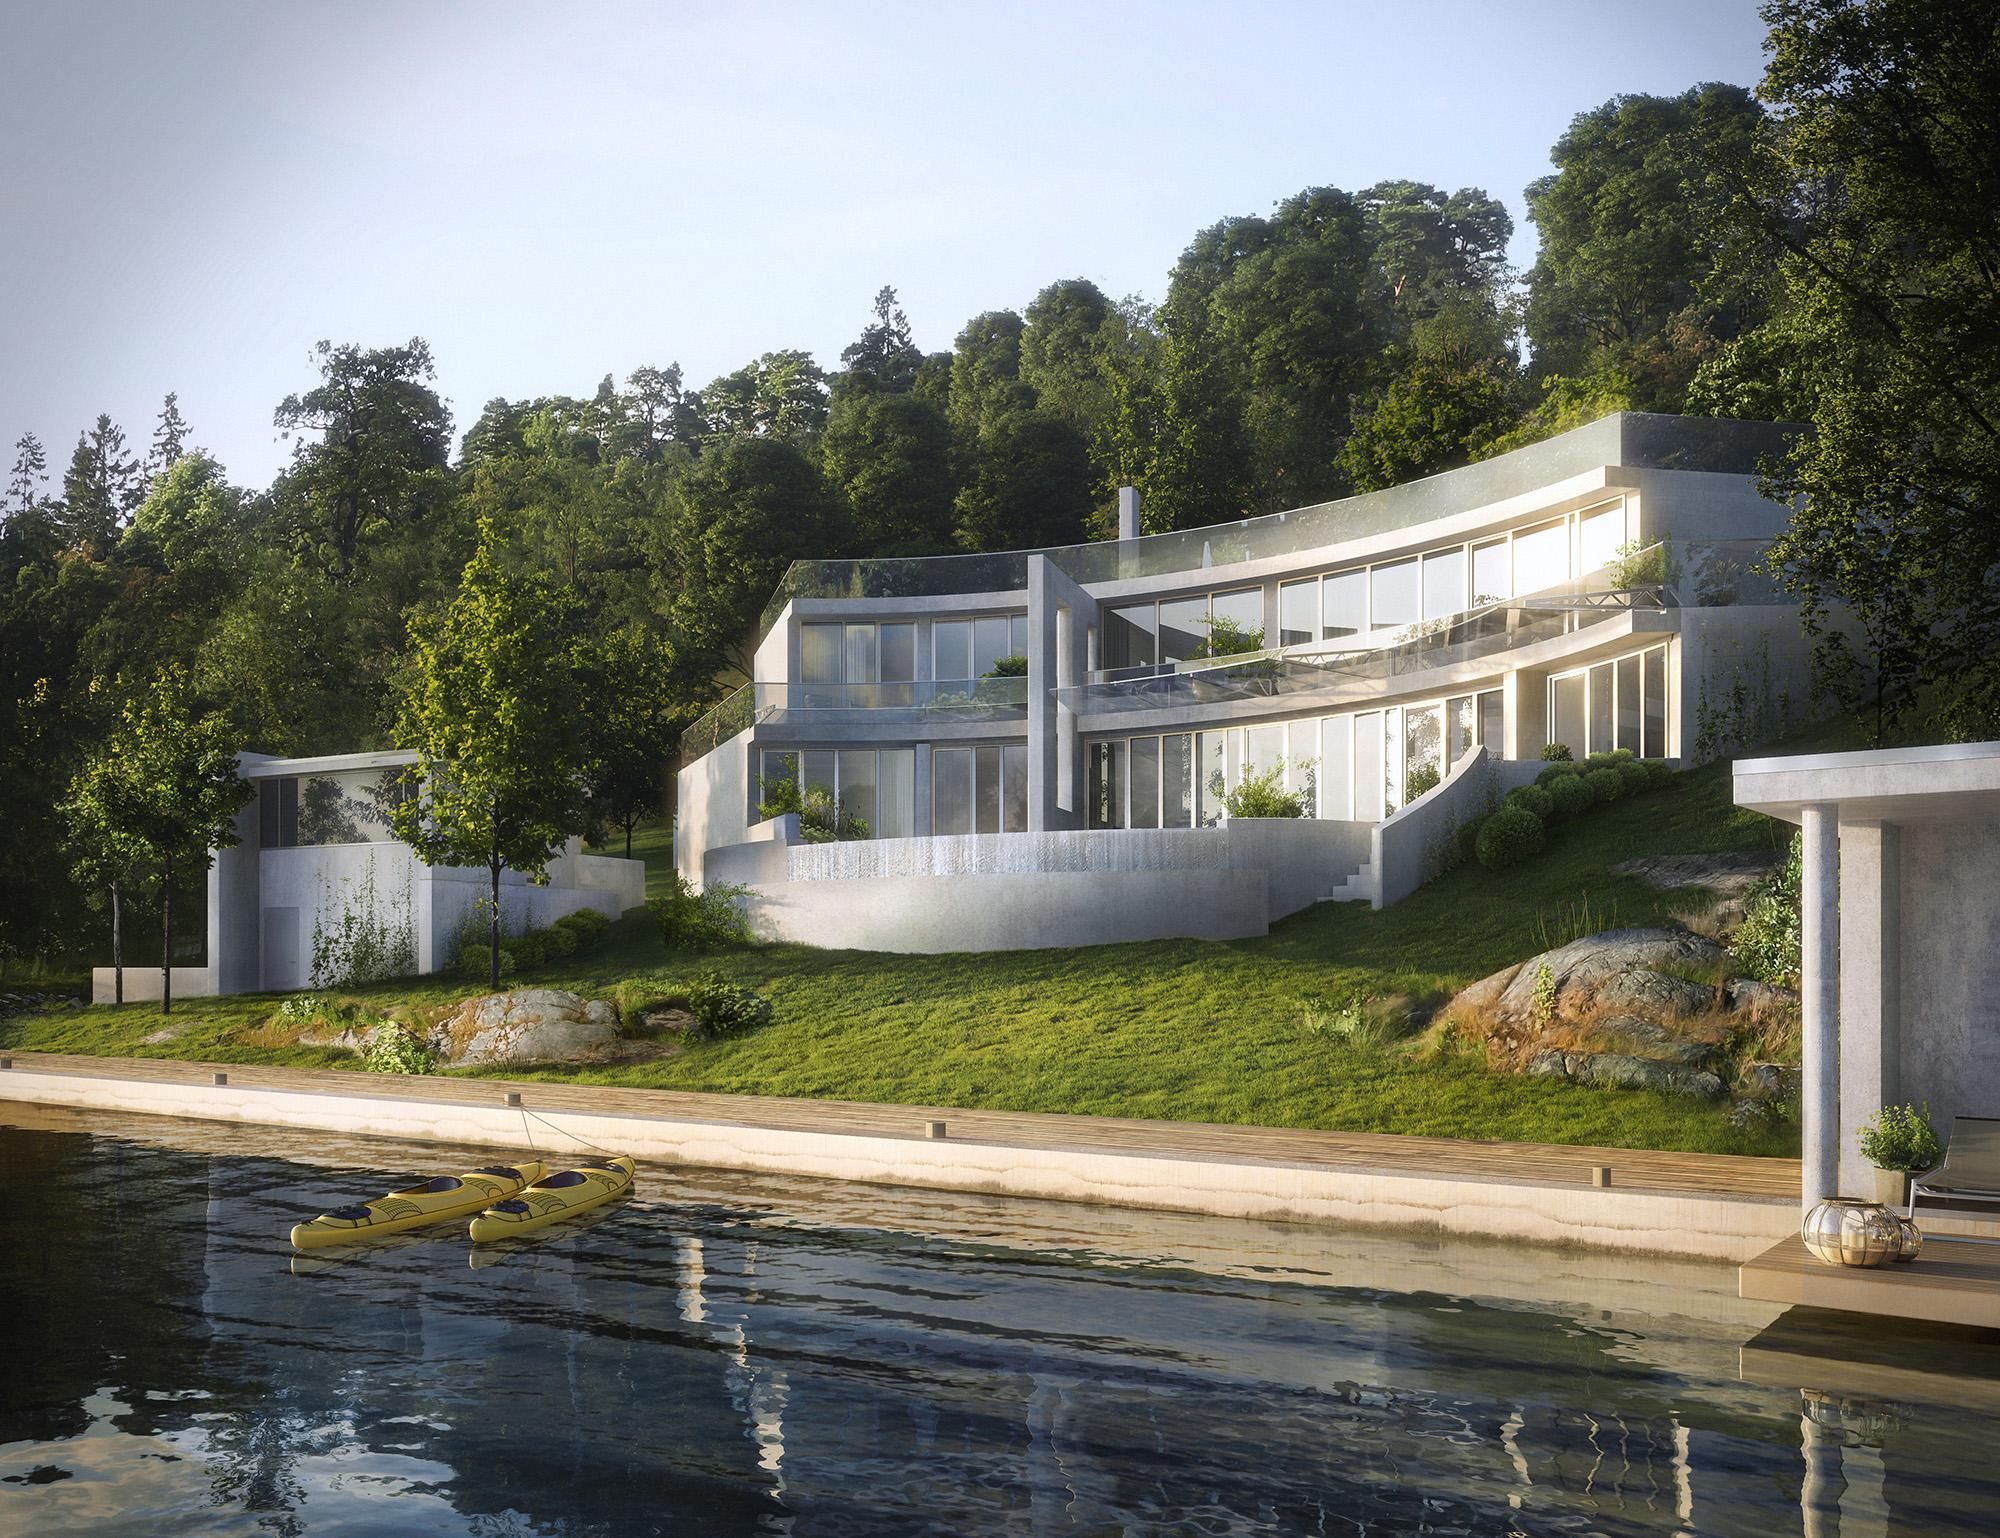 Ny villa med böjd form i betong, beläget vid vattnet. Ritat av Rex Arkitektbyrå i Stockholm.